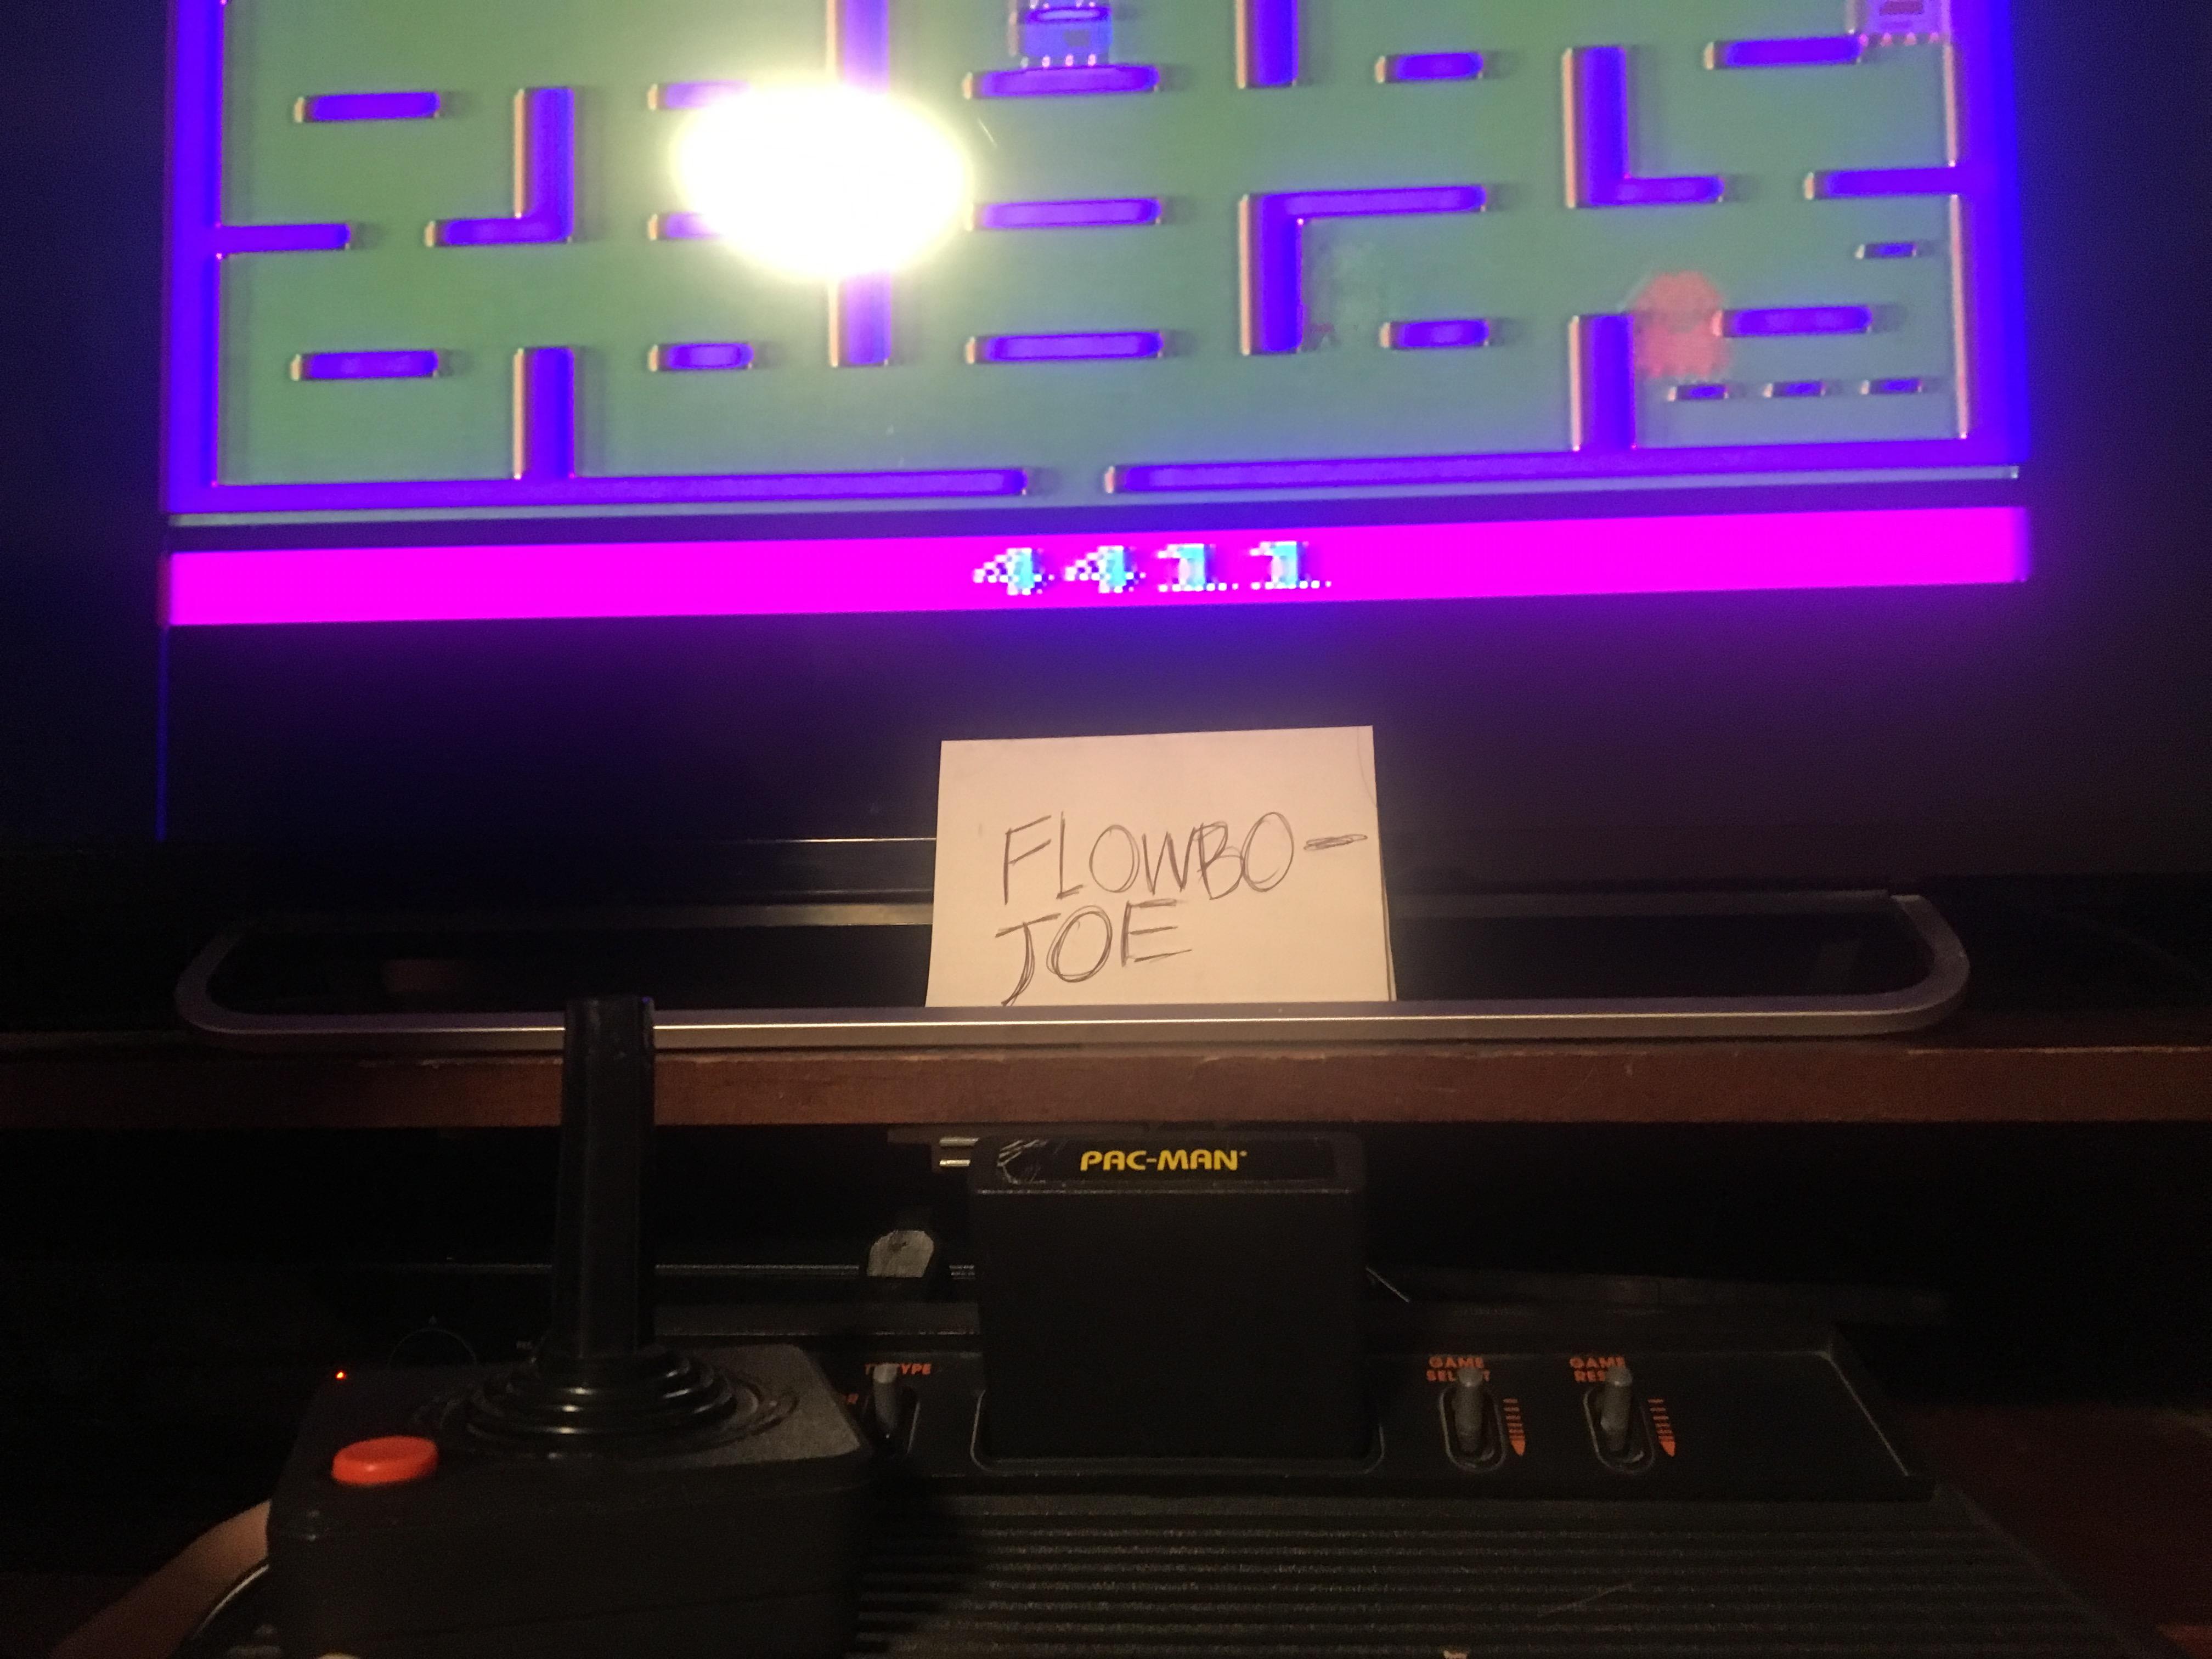 FlowboJoe: Pac-Man (Atari 2600 Novice/B) 4,411 points on 2018-01-10 17:39:31